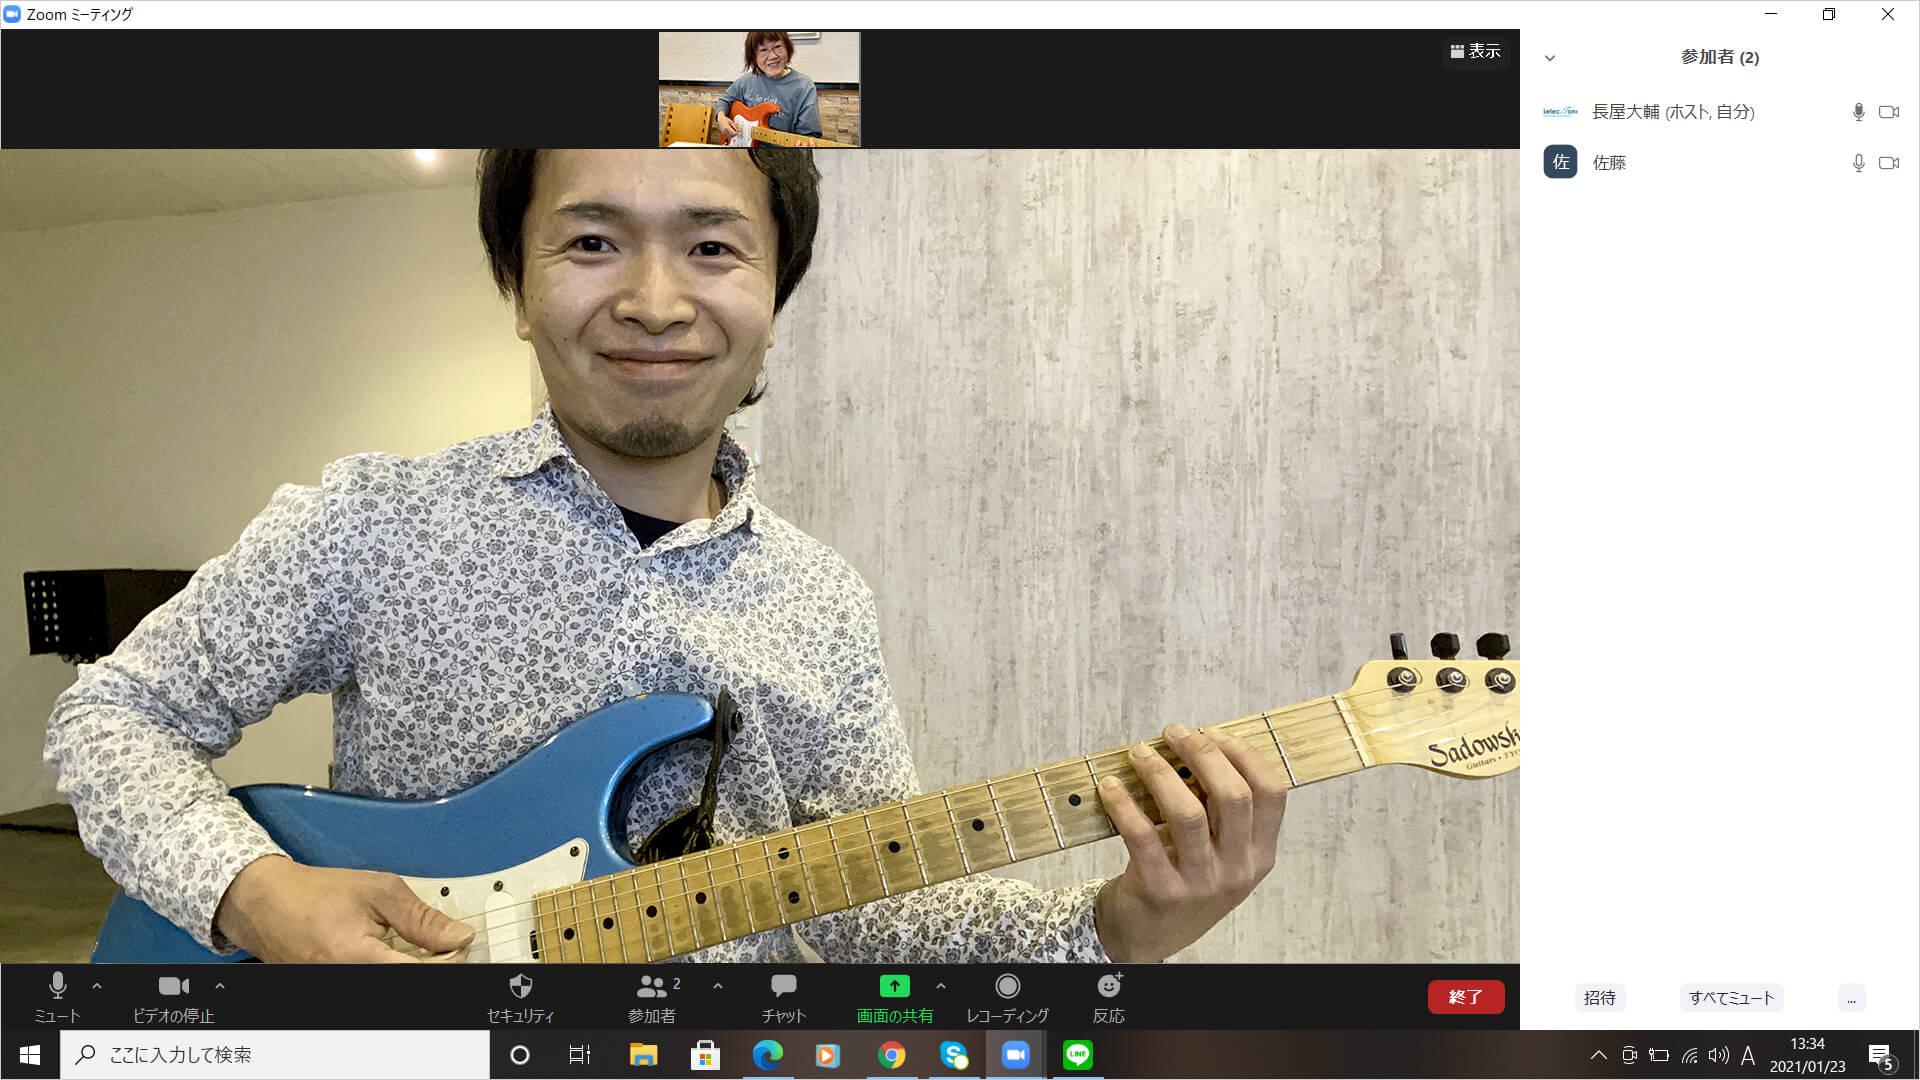 オンラインギターレッスン 画面イメージ01